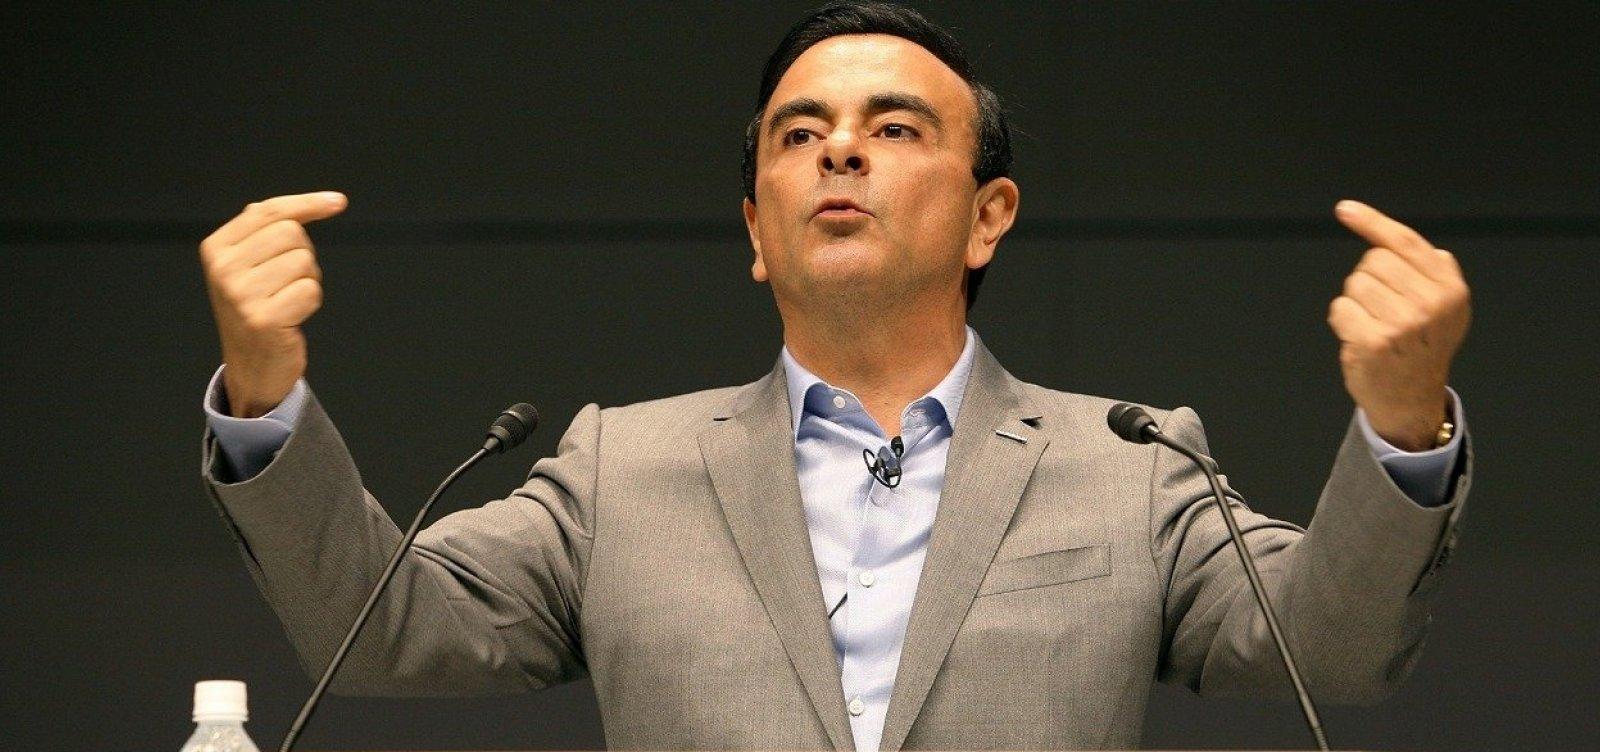 [Procuradores japoneses devem apresentar novo processo contra Ghosn, diz jornal]